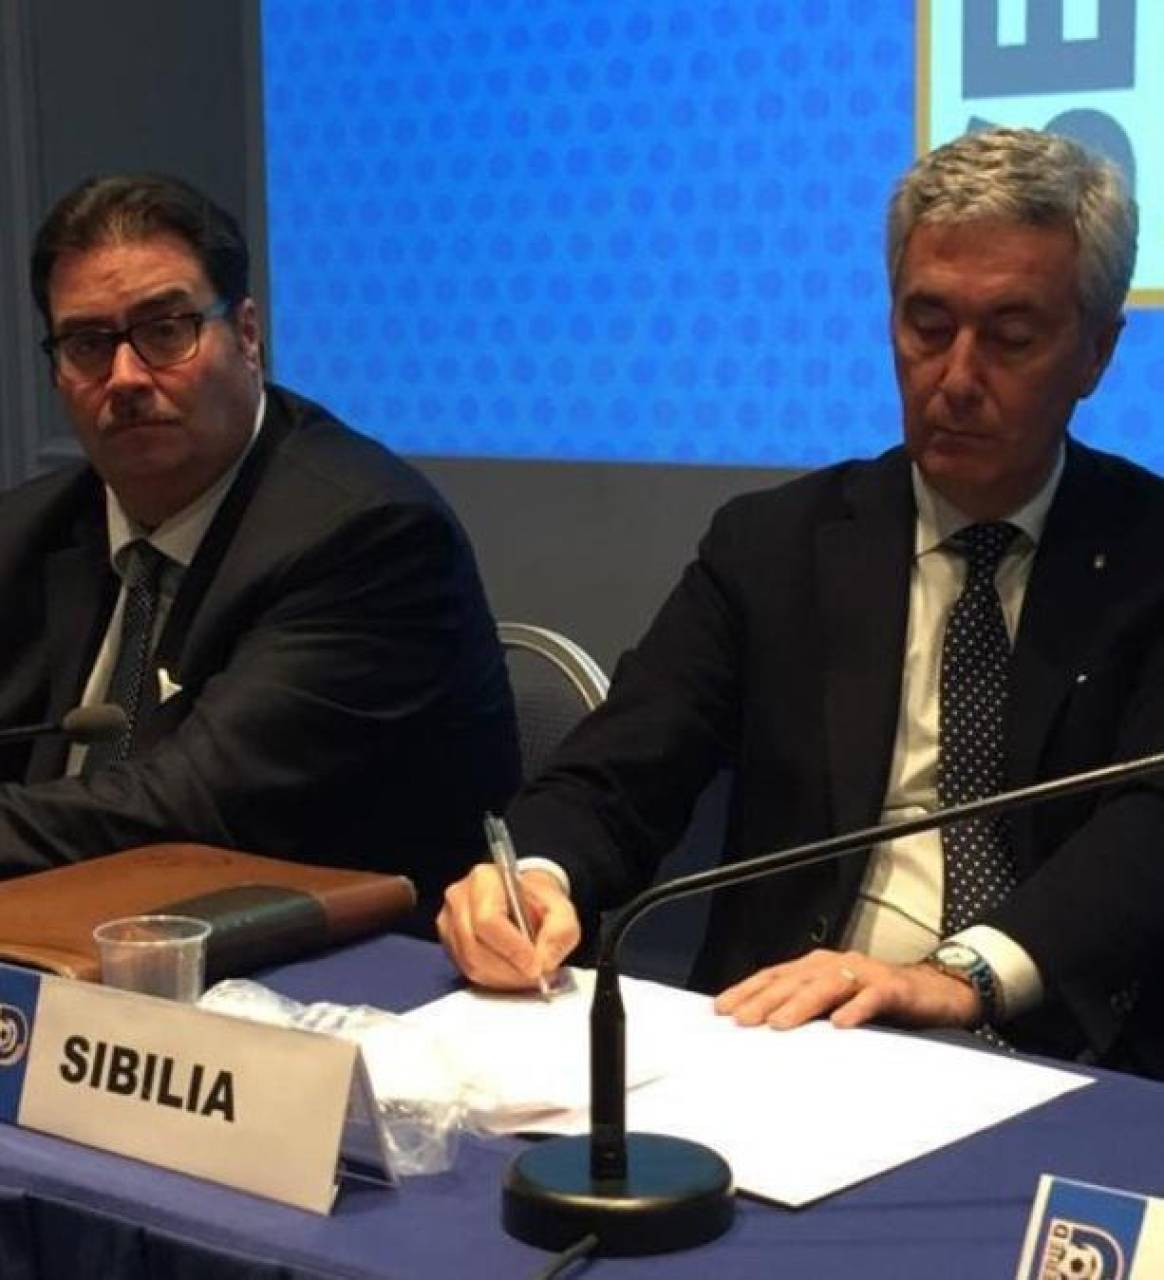 . Da sinistra il responsabile del Dipartimento Interregionale della Lega Nazionale Dilettanti Luigi Barbiero e al suo fianco il presidente Cosimo Sibilia della stessa LND